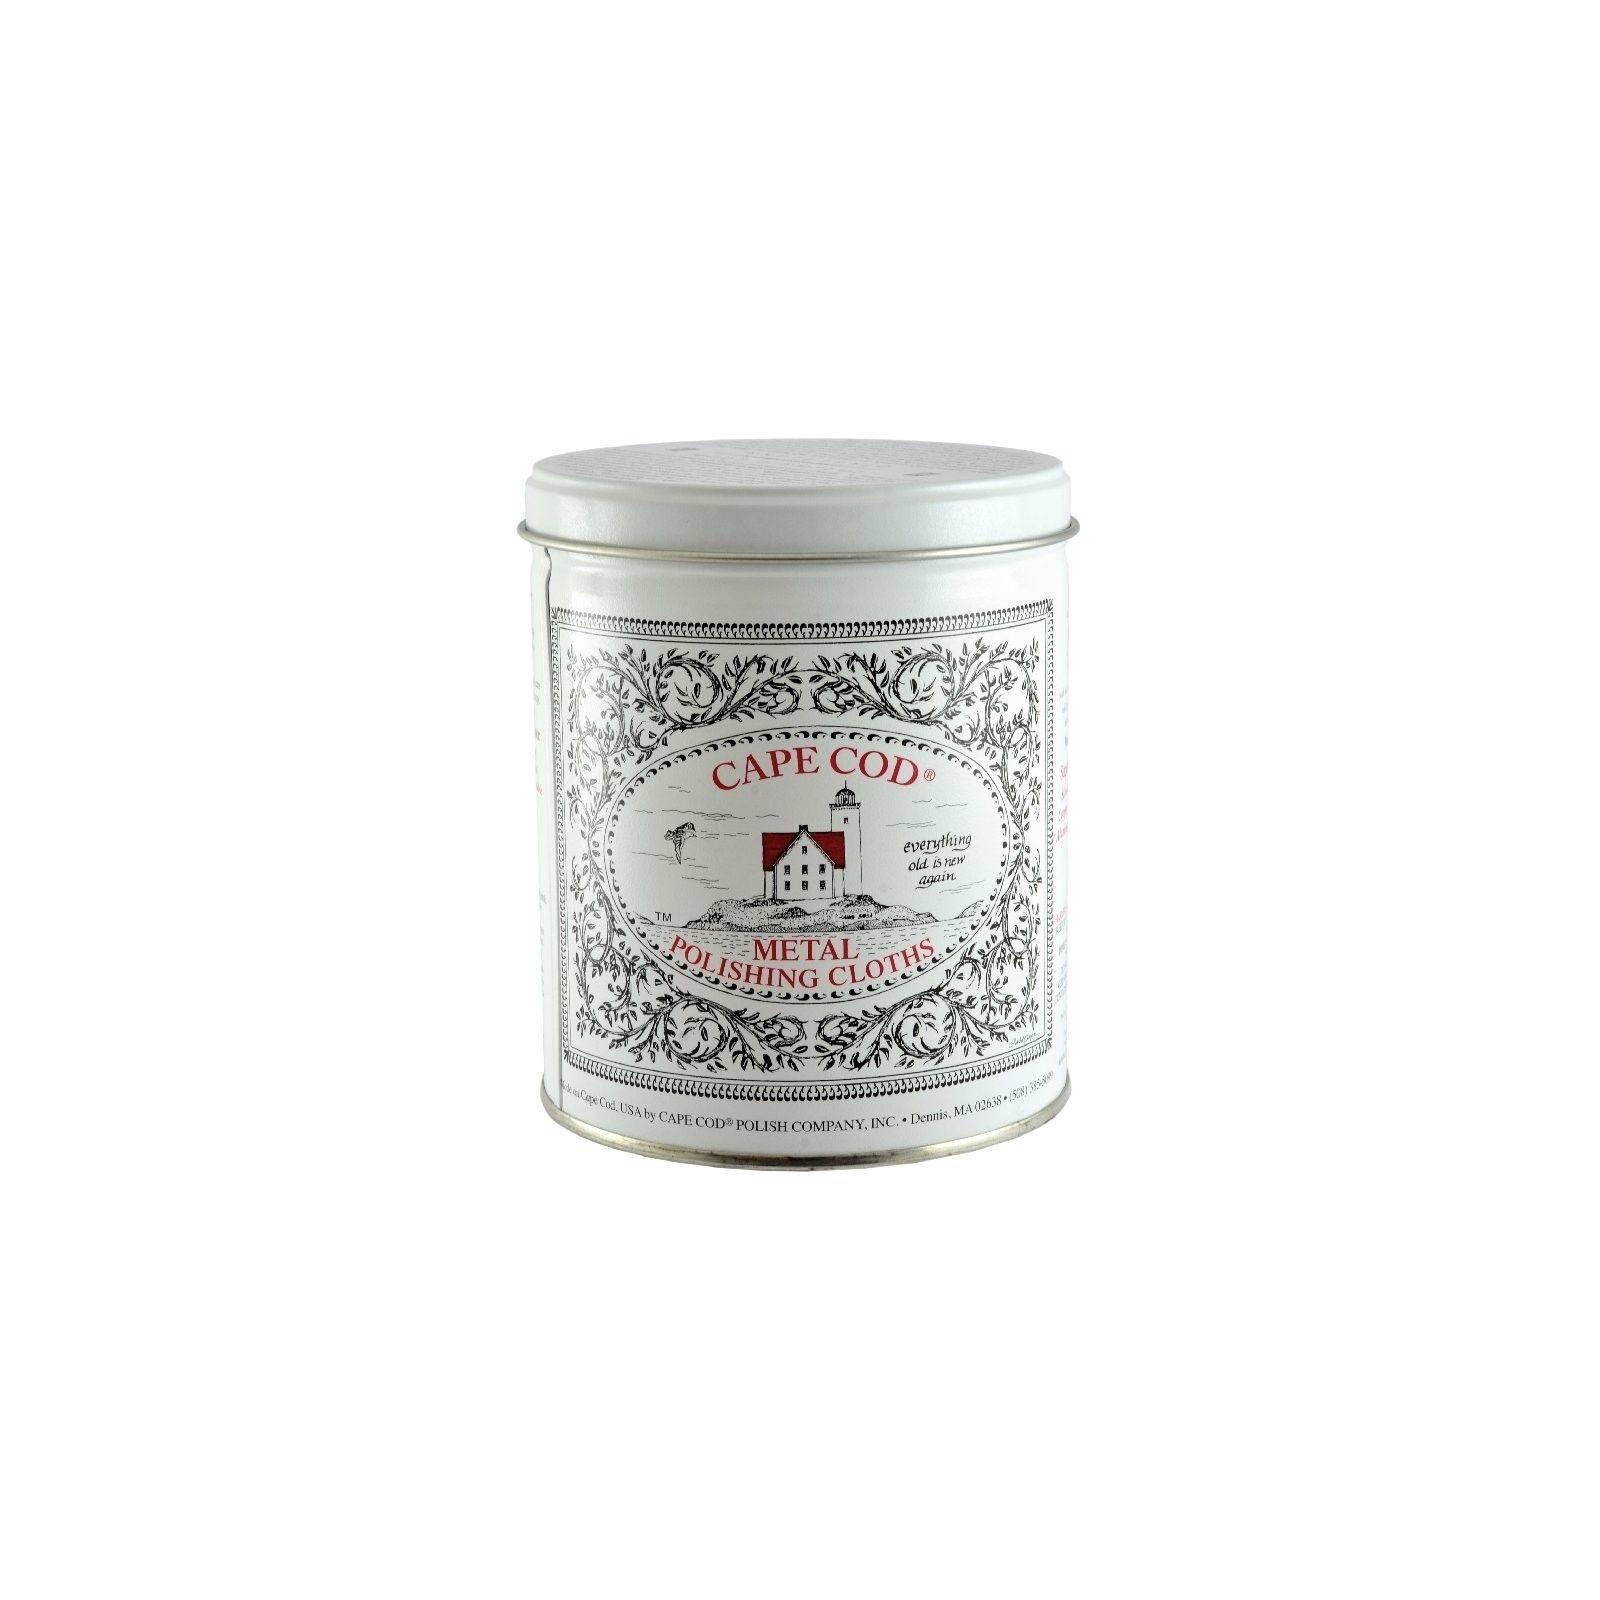 Boite Cape Cod -